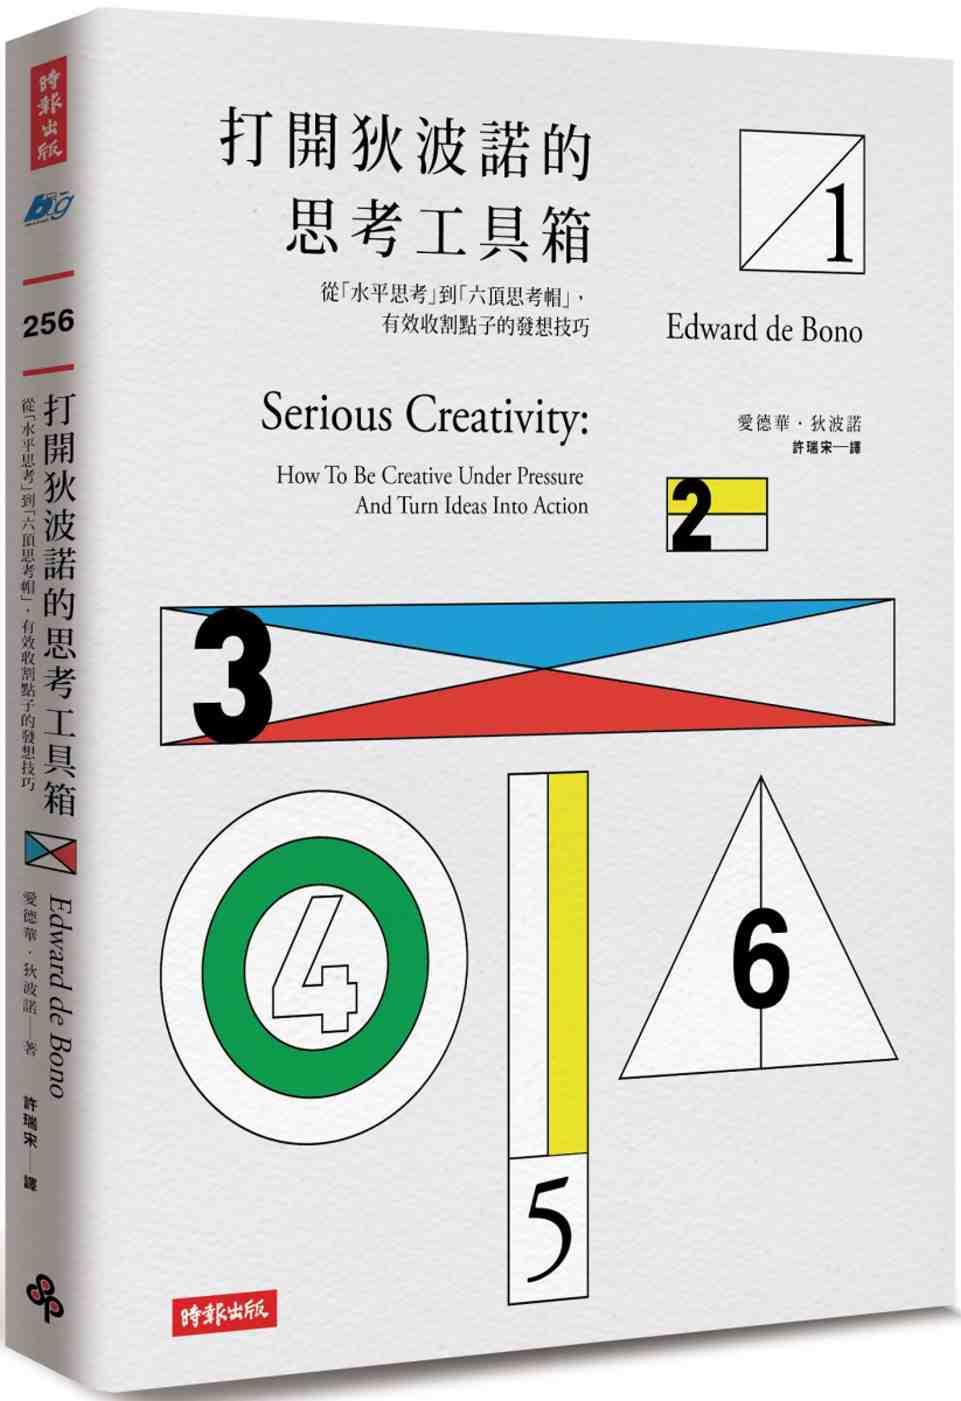 """打开狄波诺的思考工具箱:从""""水平思考""""到""""六顶思考帽"""" 有效收割点子的发想技巧(附水平思考技巧整理、水平思考运用笔记、收割检查表"""